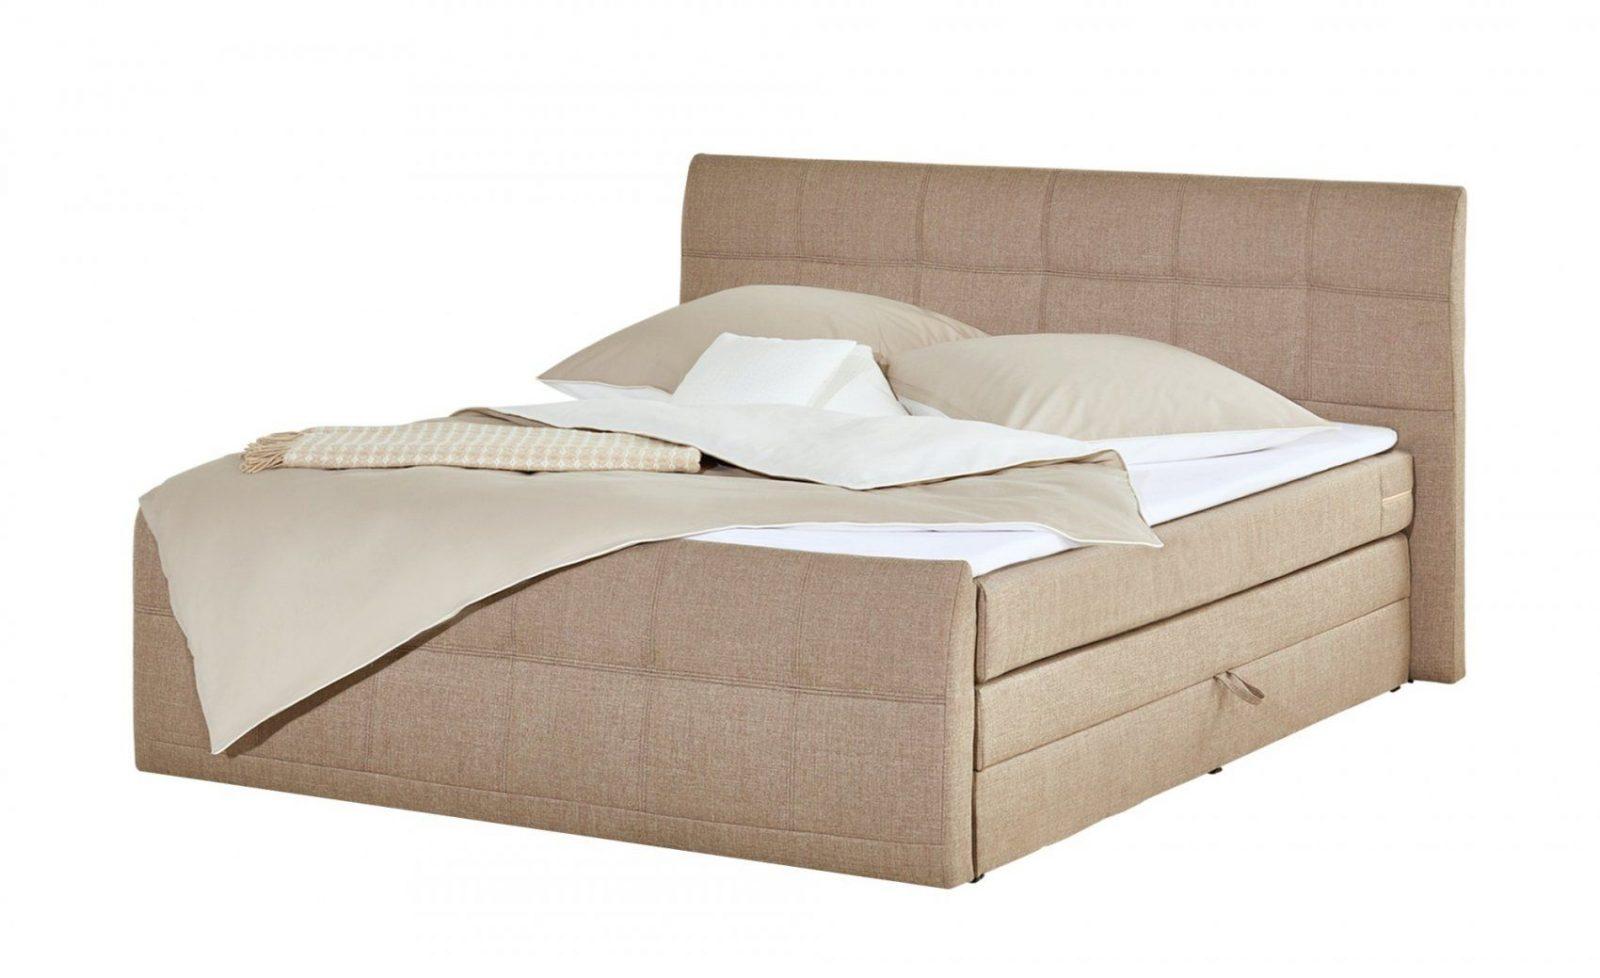 Boxspringbett 180X200 Mit Bettkasten Santander  Höffner von Wohnwert Boxspringbett Dormian Bild